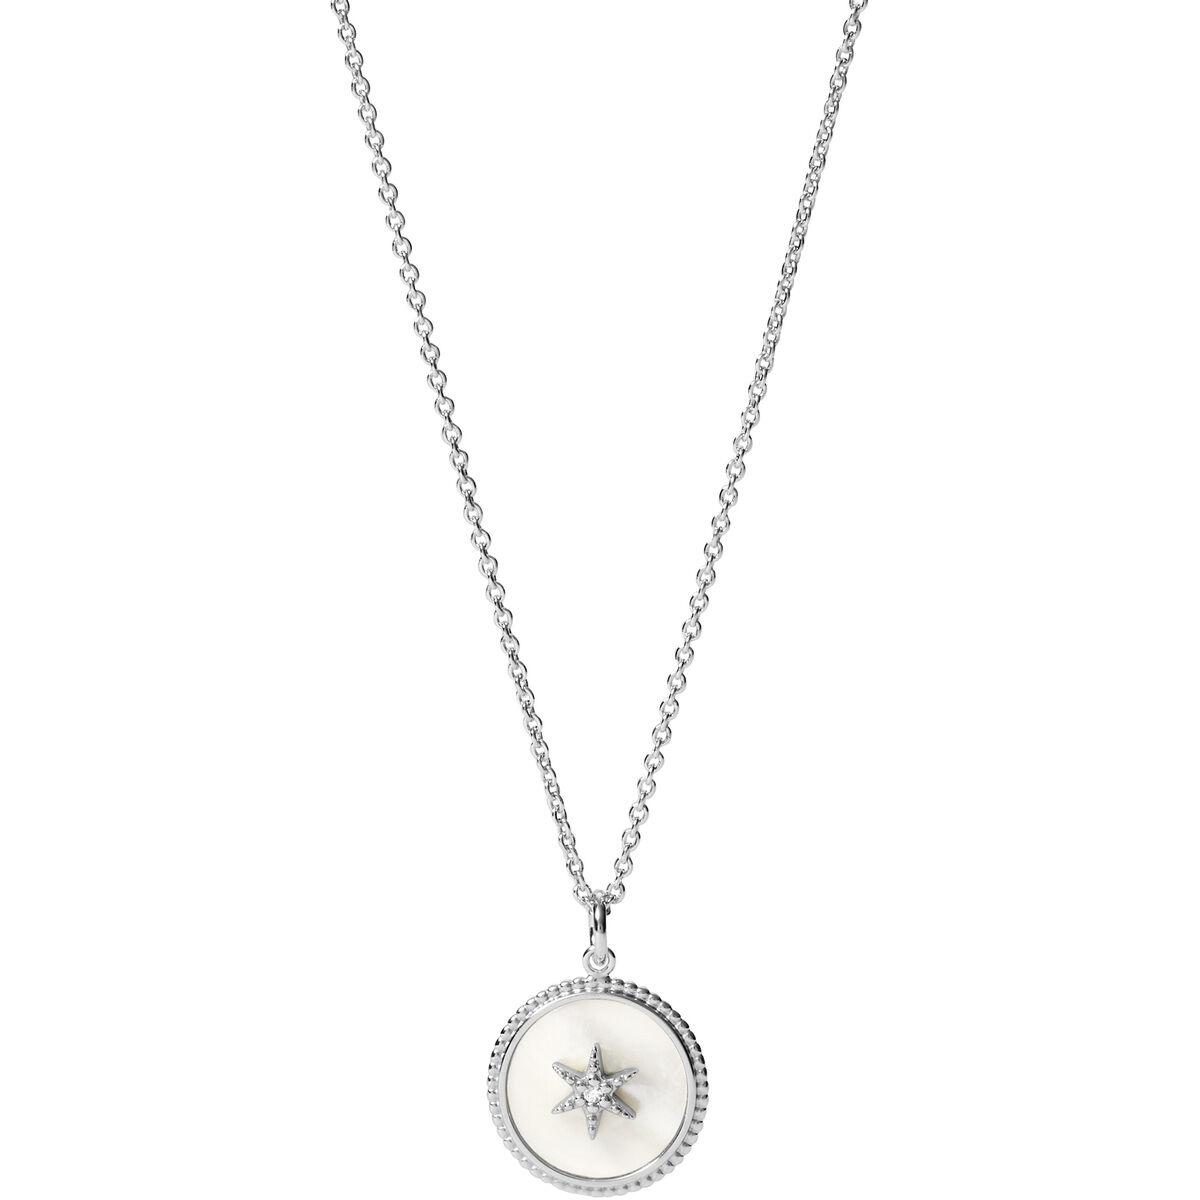 925er Silber, Halskette 8230, UVP: 59,00€